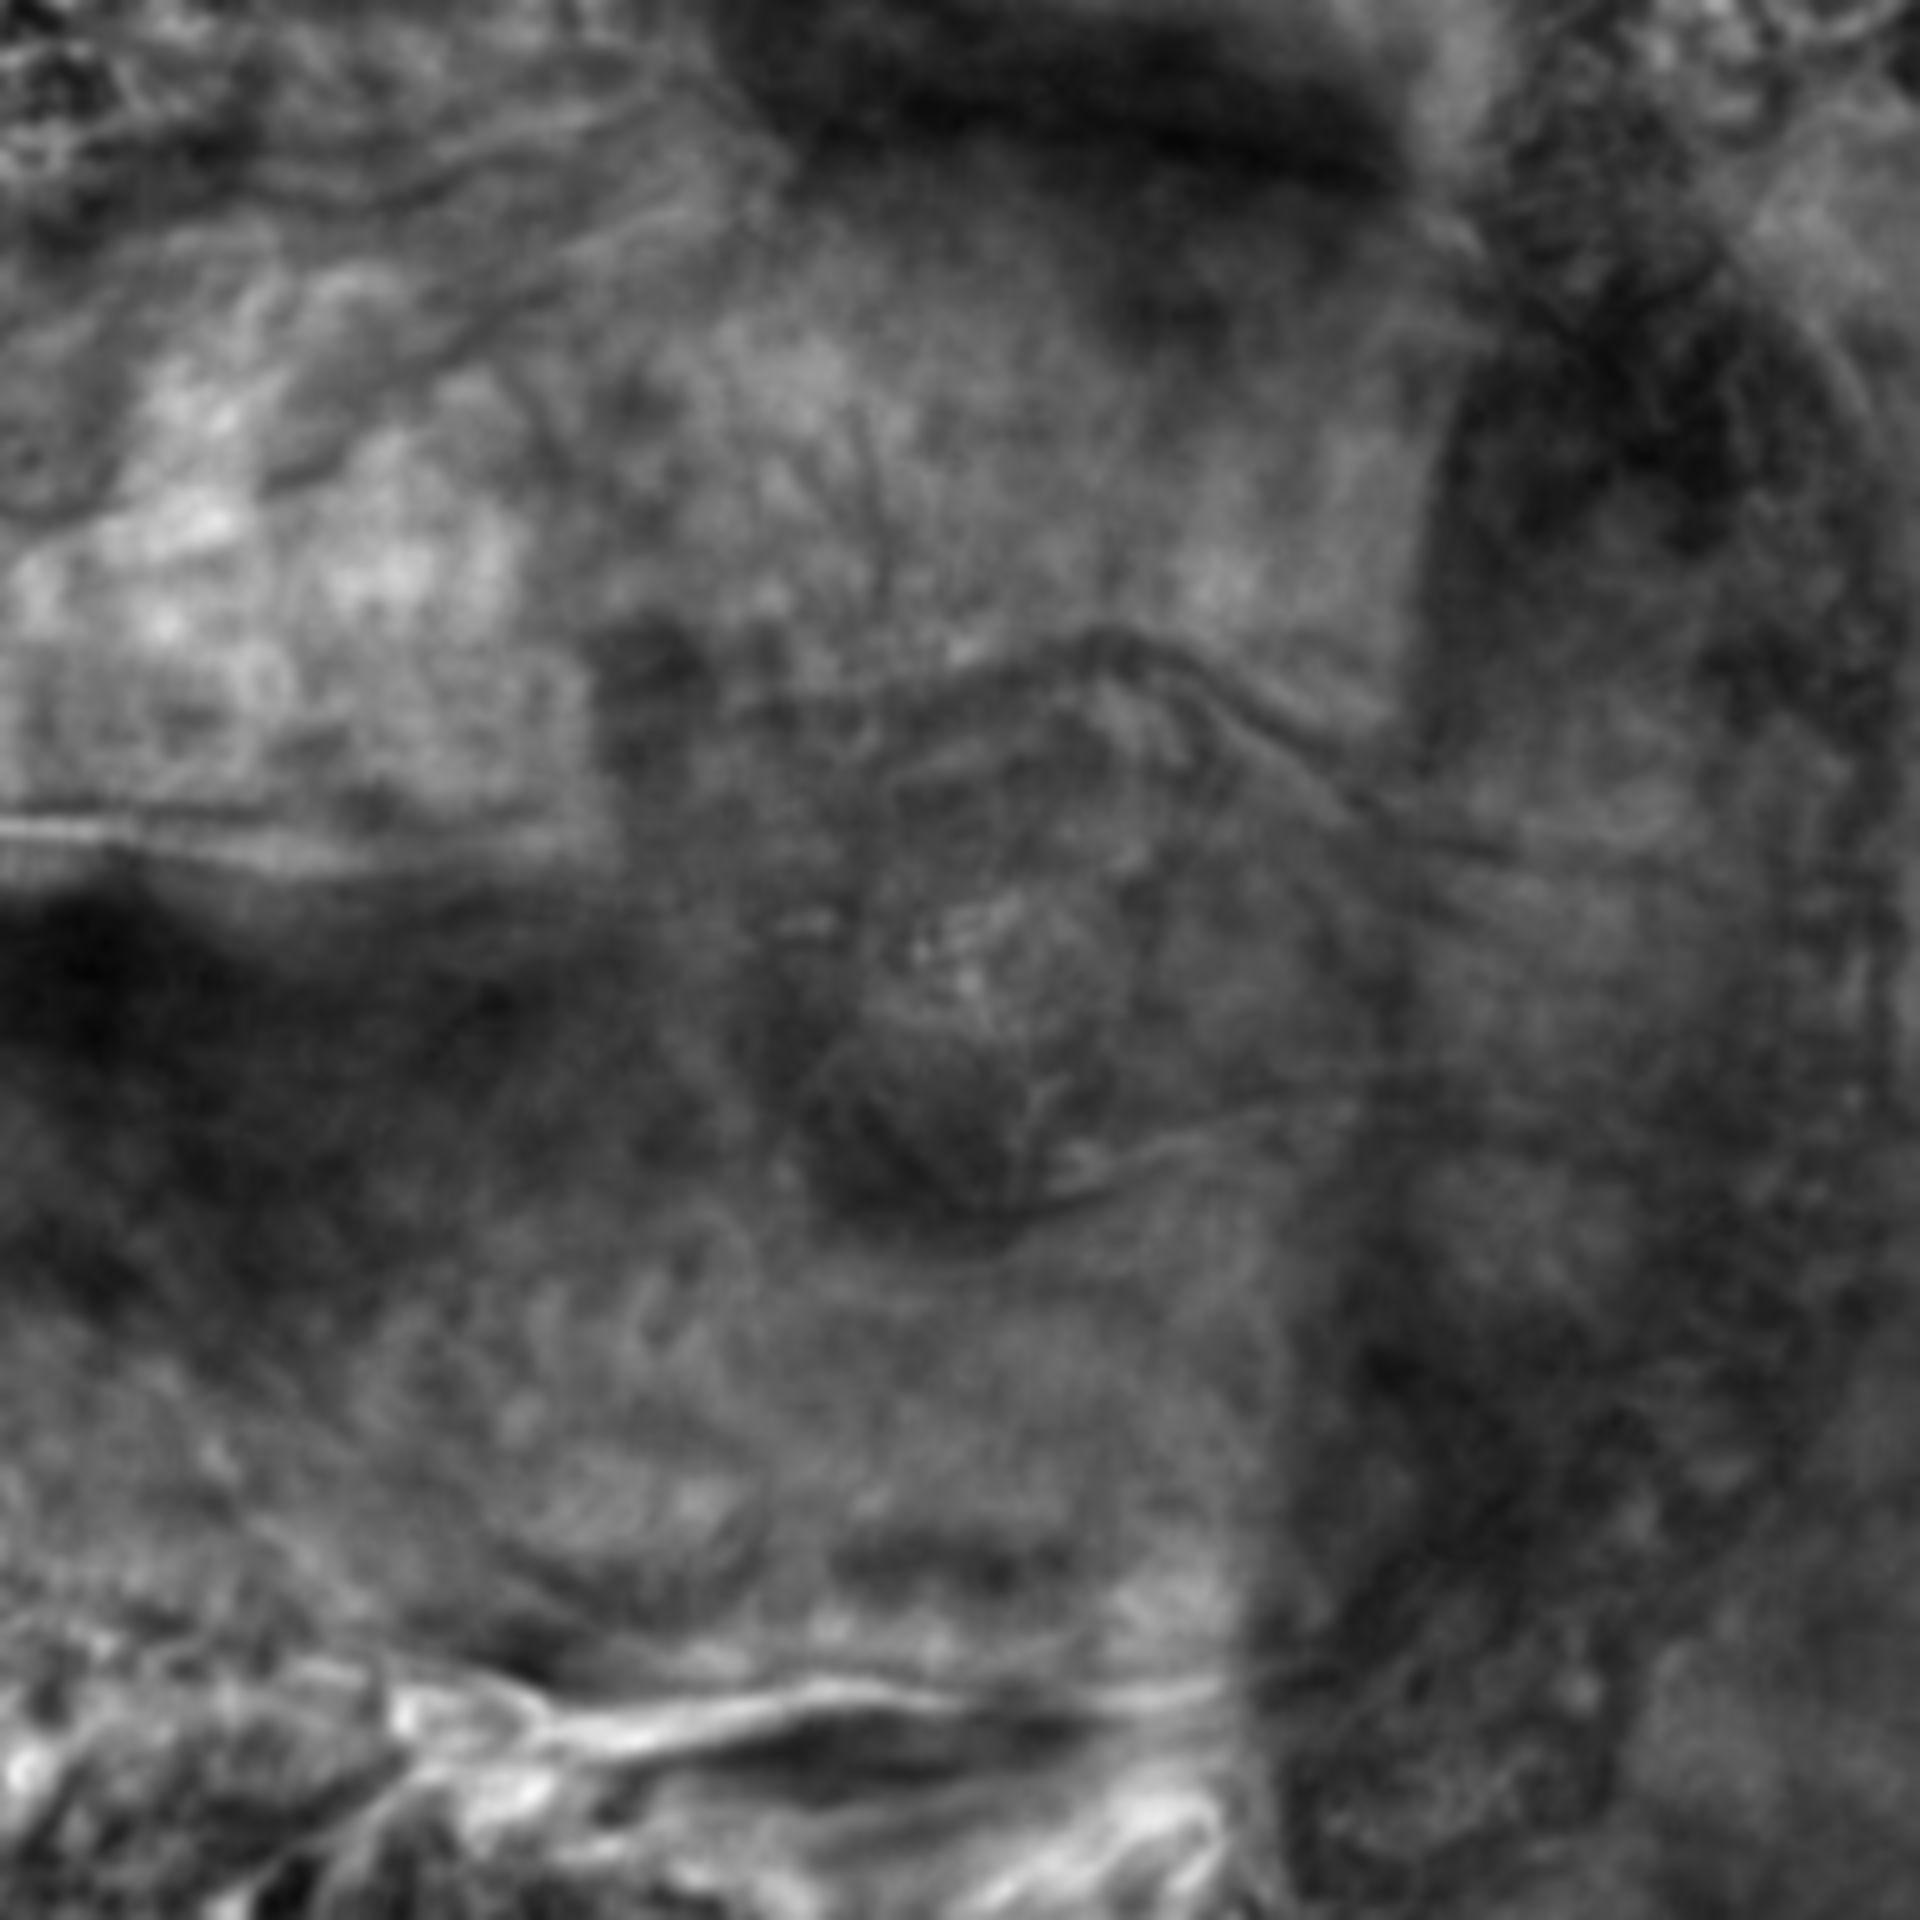 Caenorhabditis elegans - CIL:2830